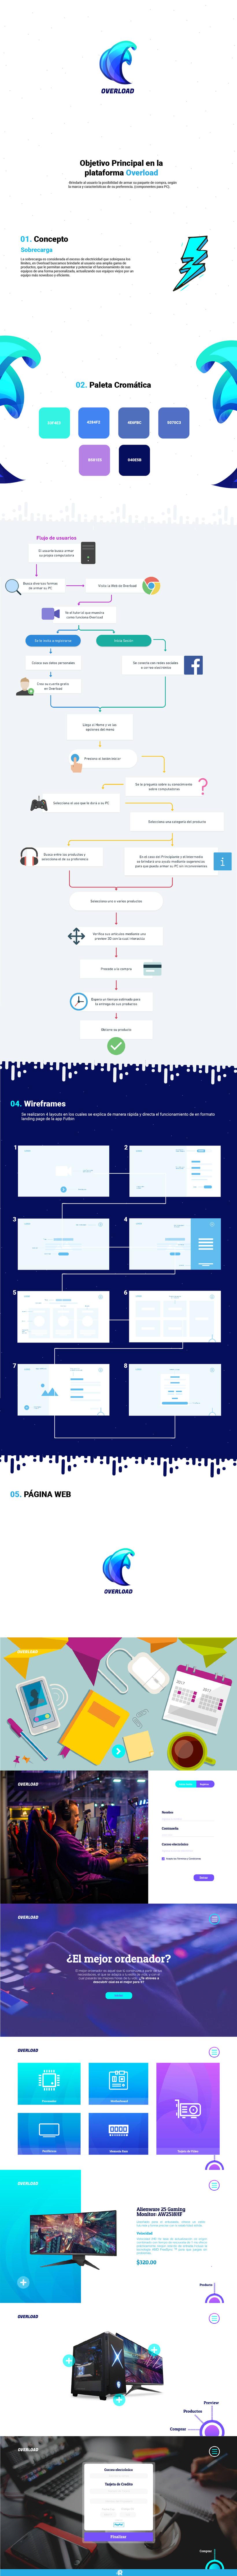 Overload Web Design -1